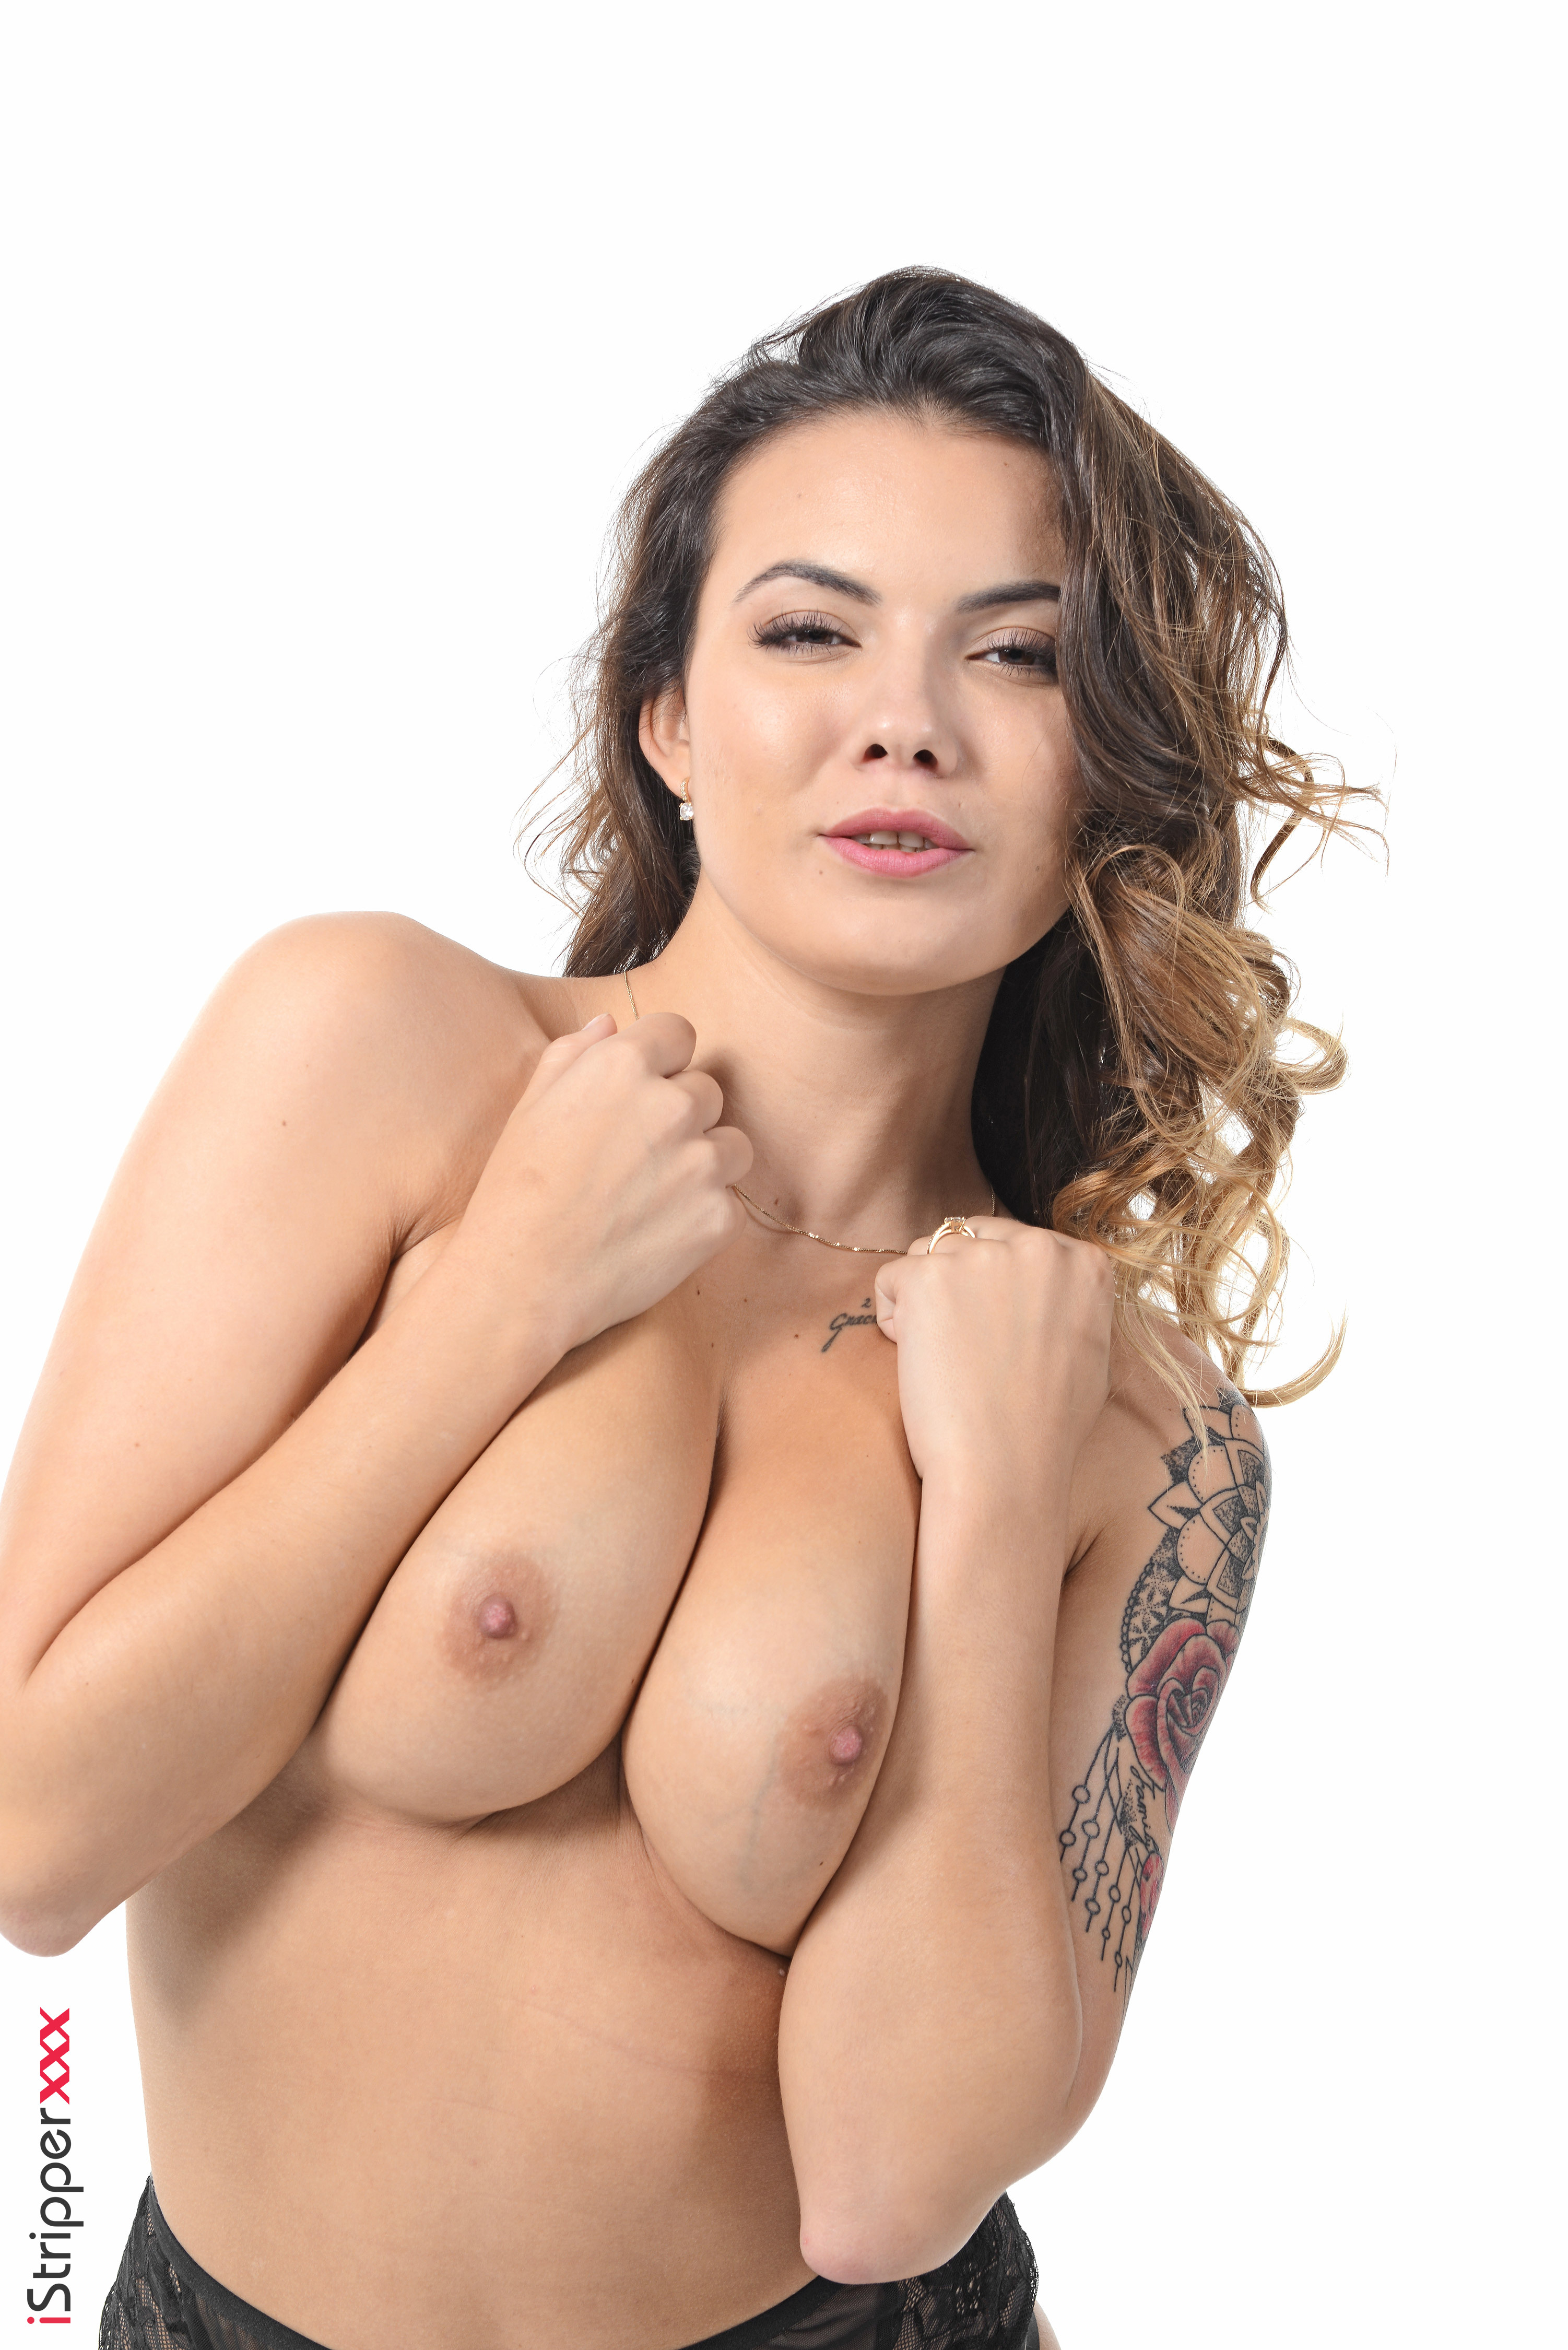 nude women hd wallpaper